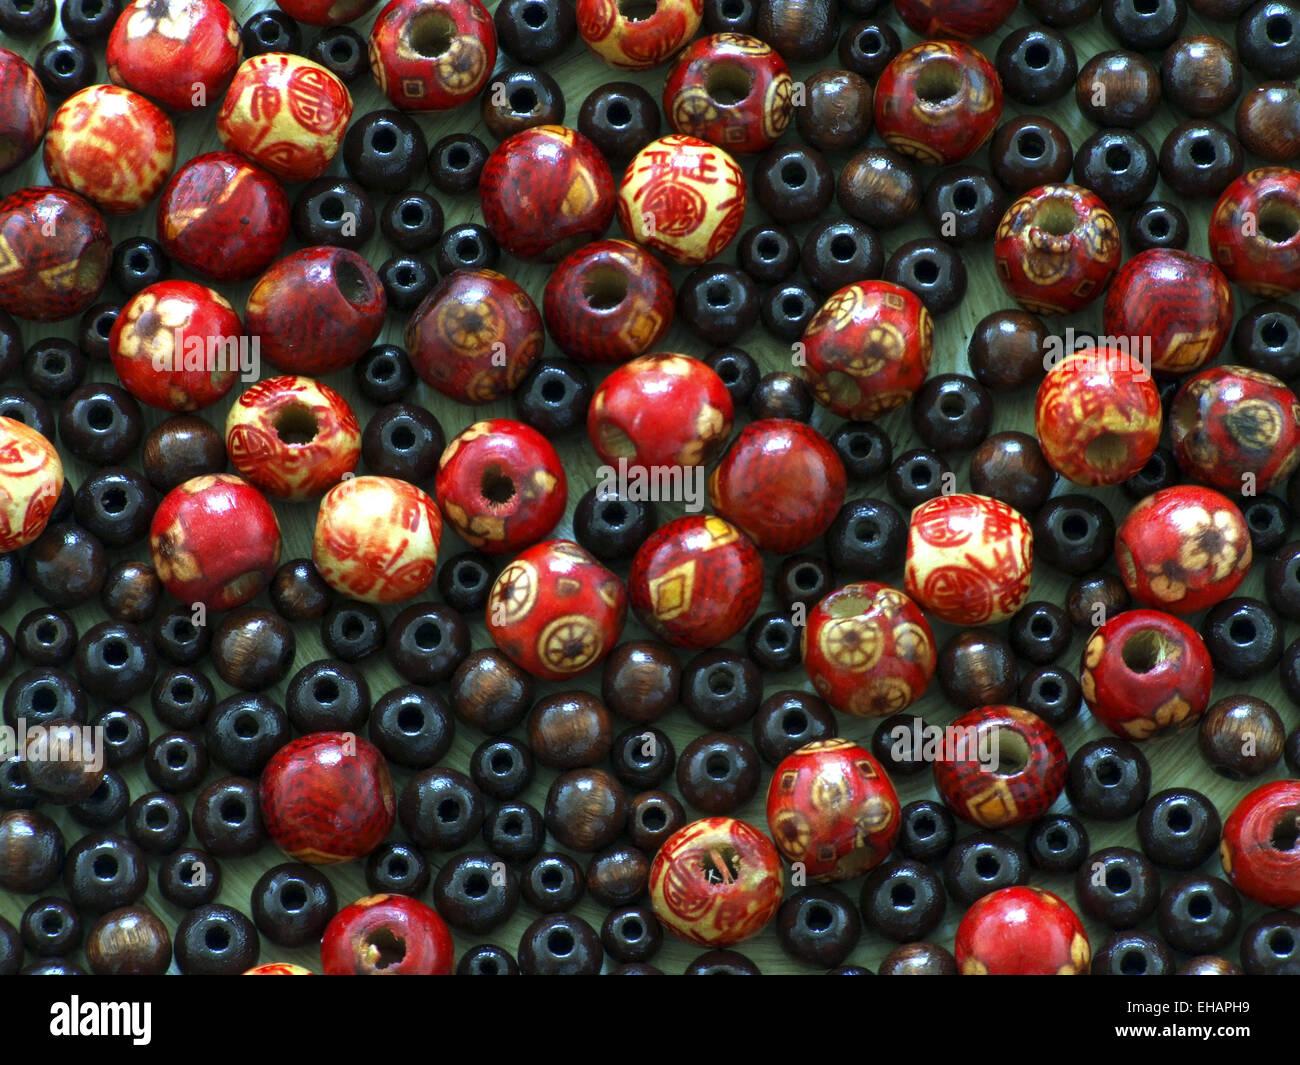 Asiatische Holzperlen / wooden beads - Stock Image